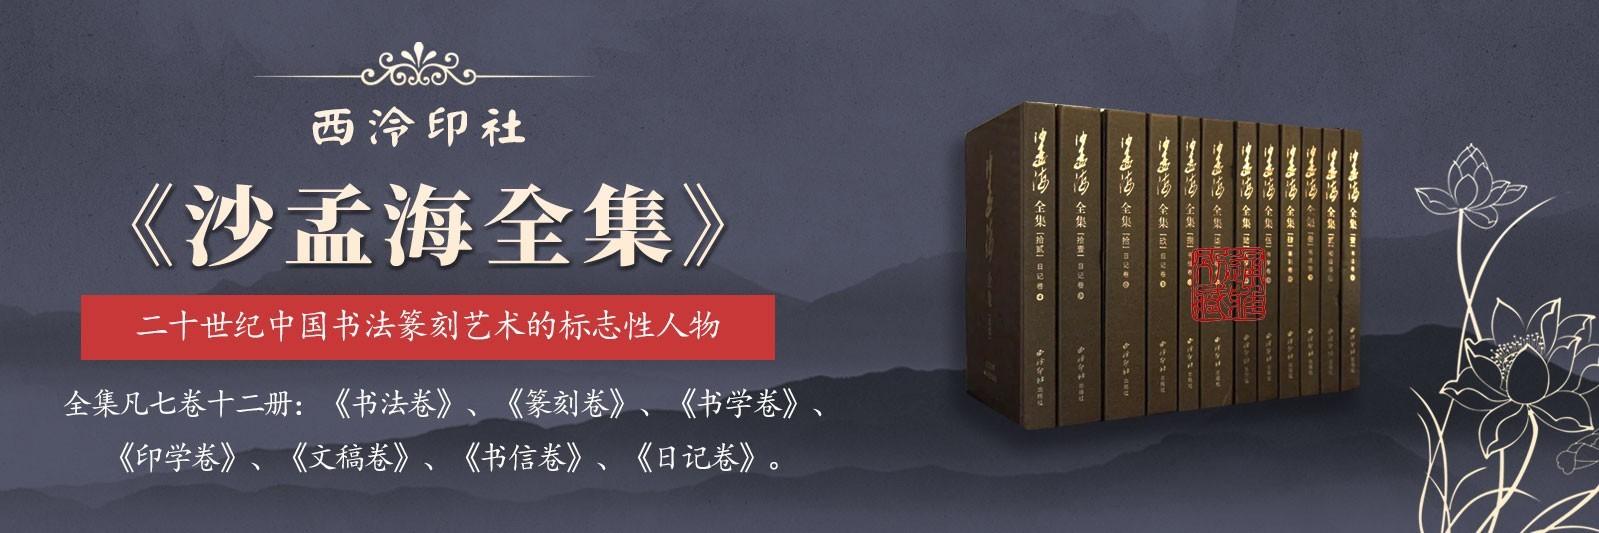 https://book.kongfz.com/3669/1852620820/